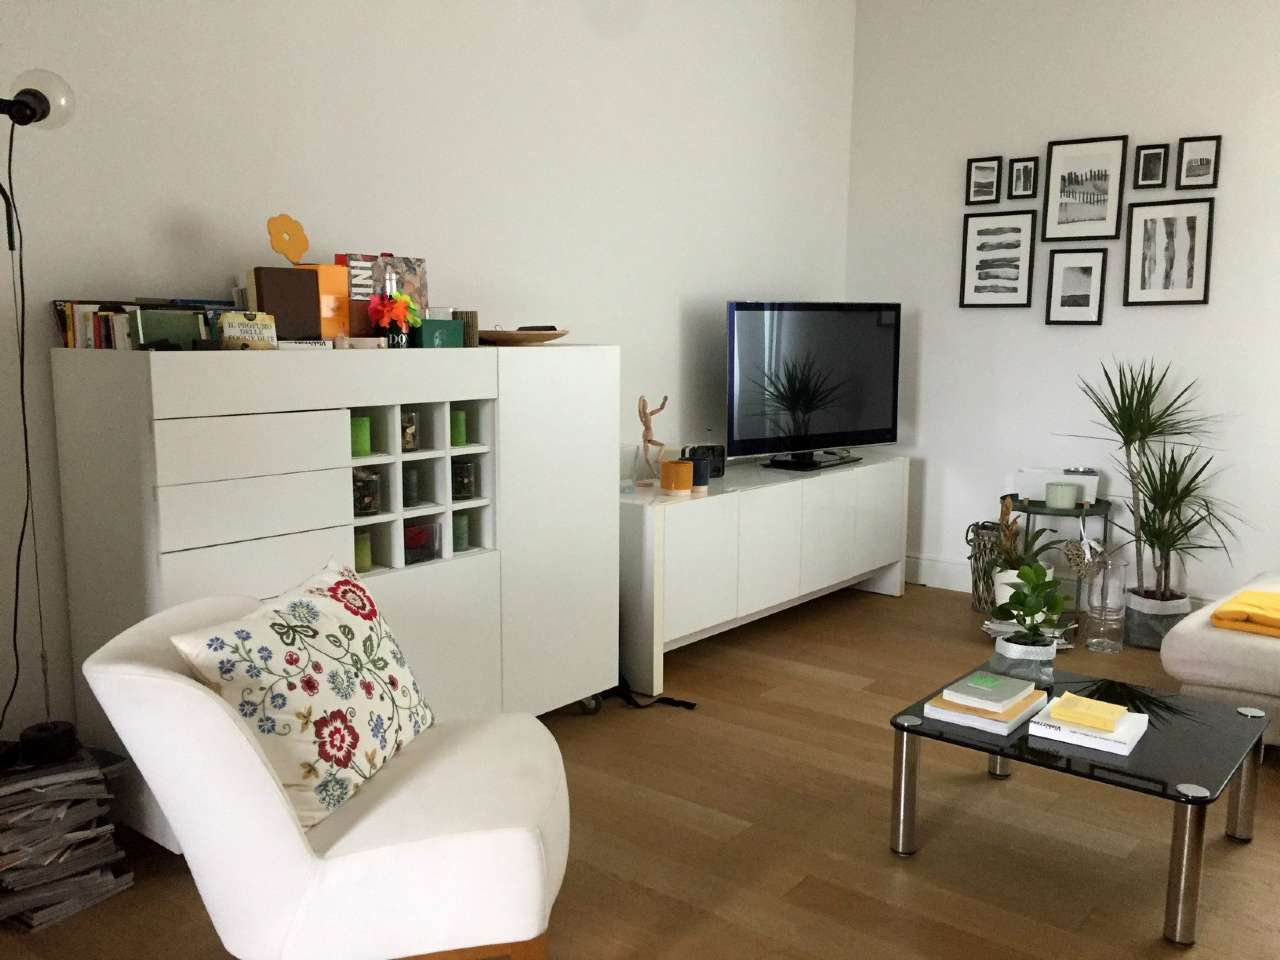 Appartamento in Vendita a Firenze Periferia Est: 4 locali, 80 mq